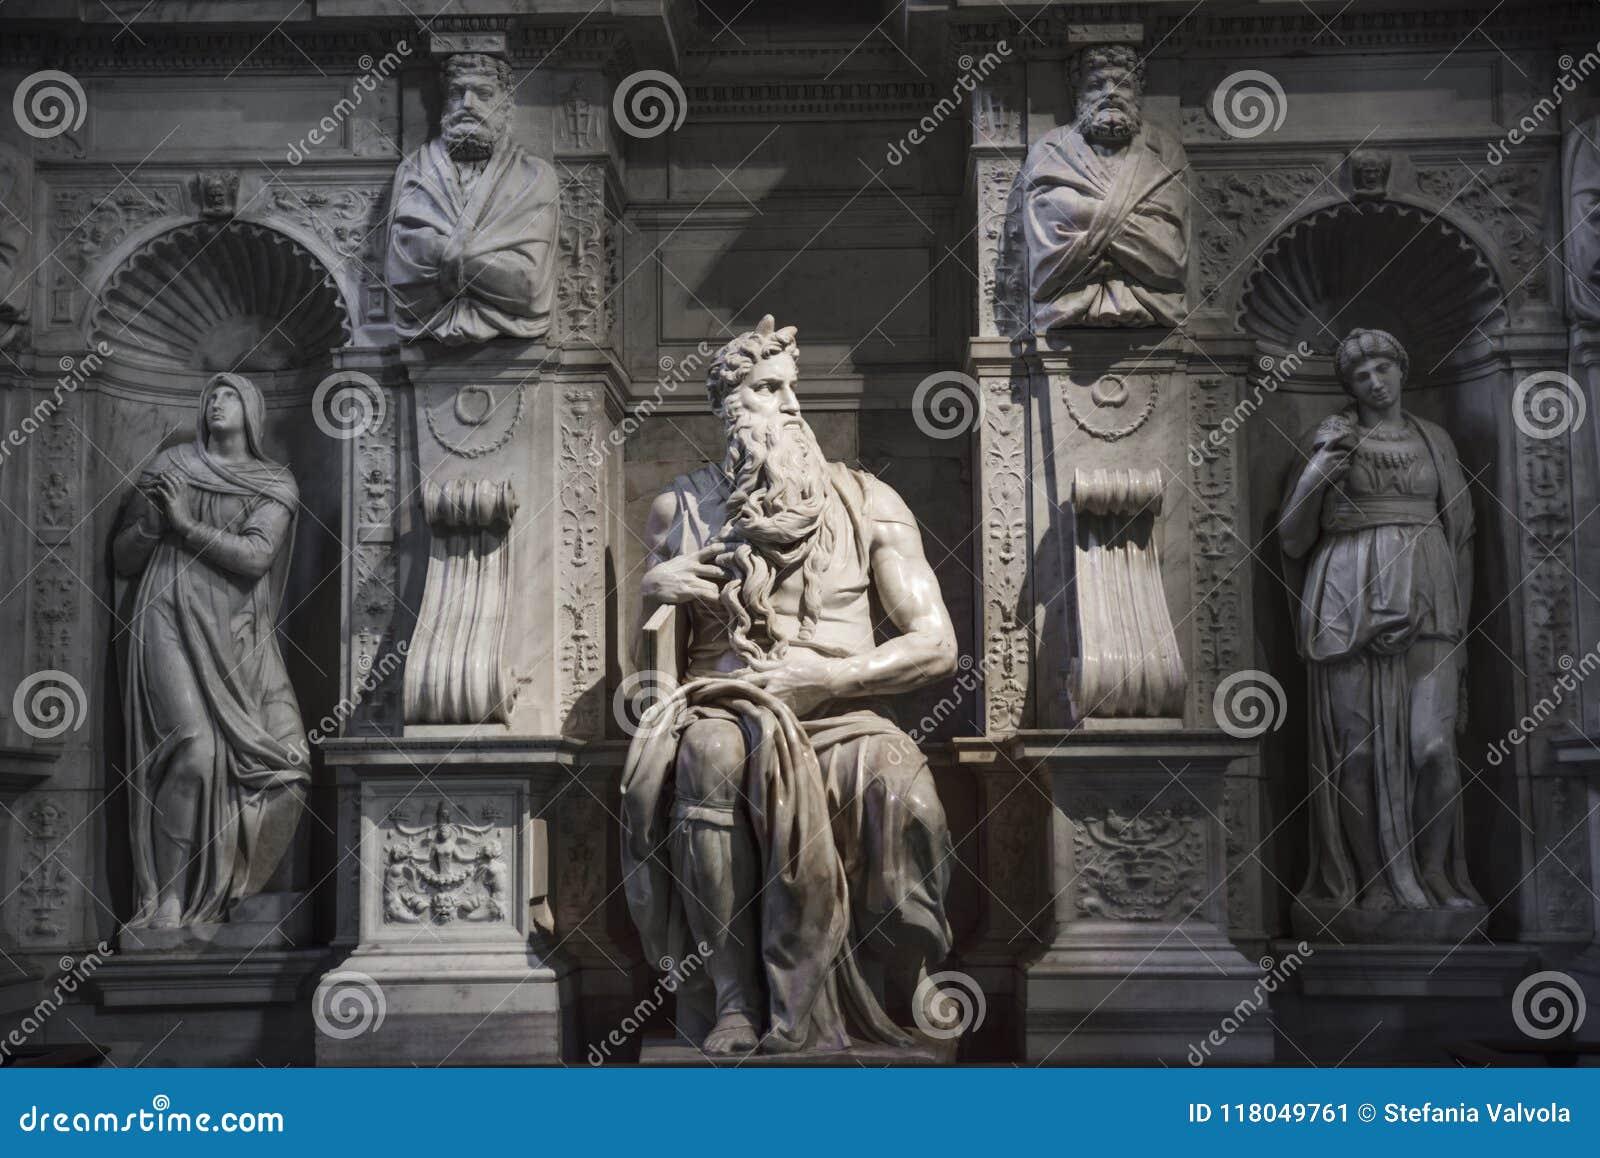 Roma, Mosè da Michelangelo sulla tomba di papa Giulio II in Sai